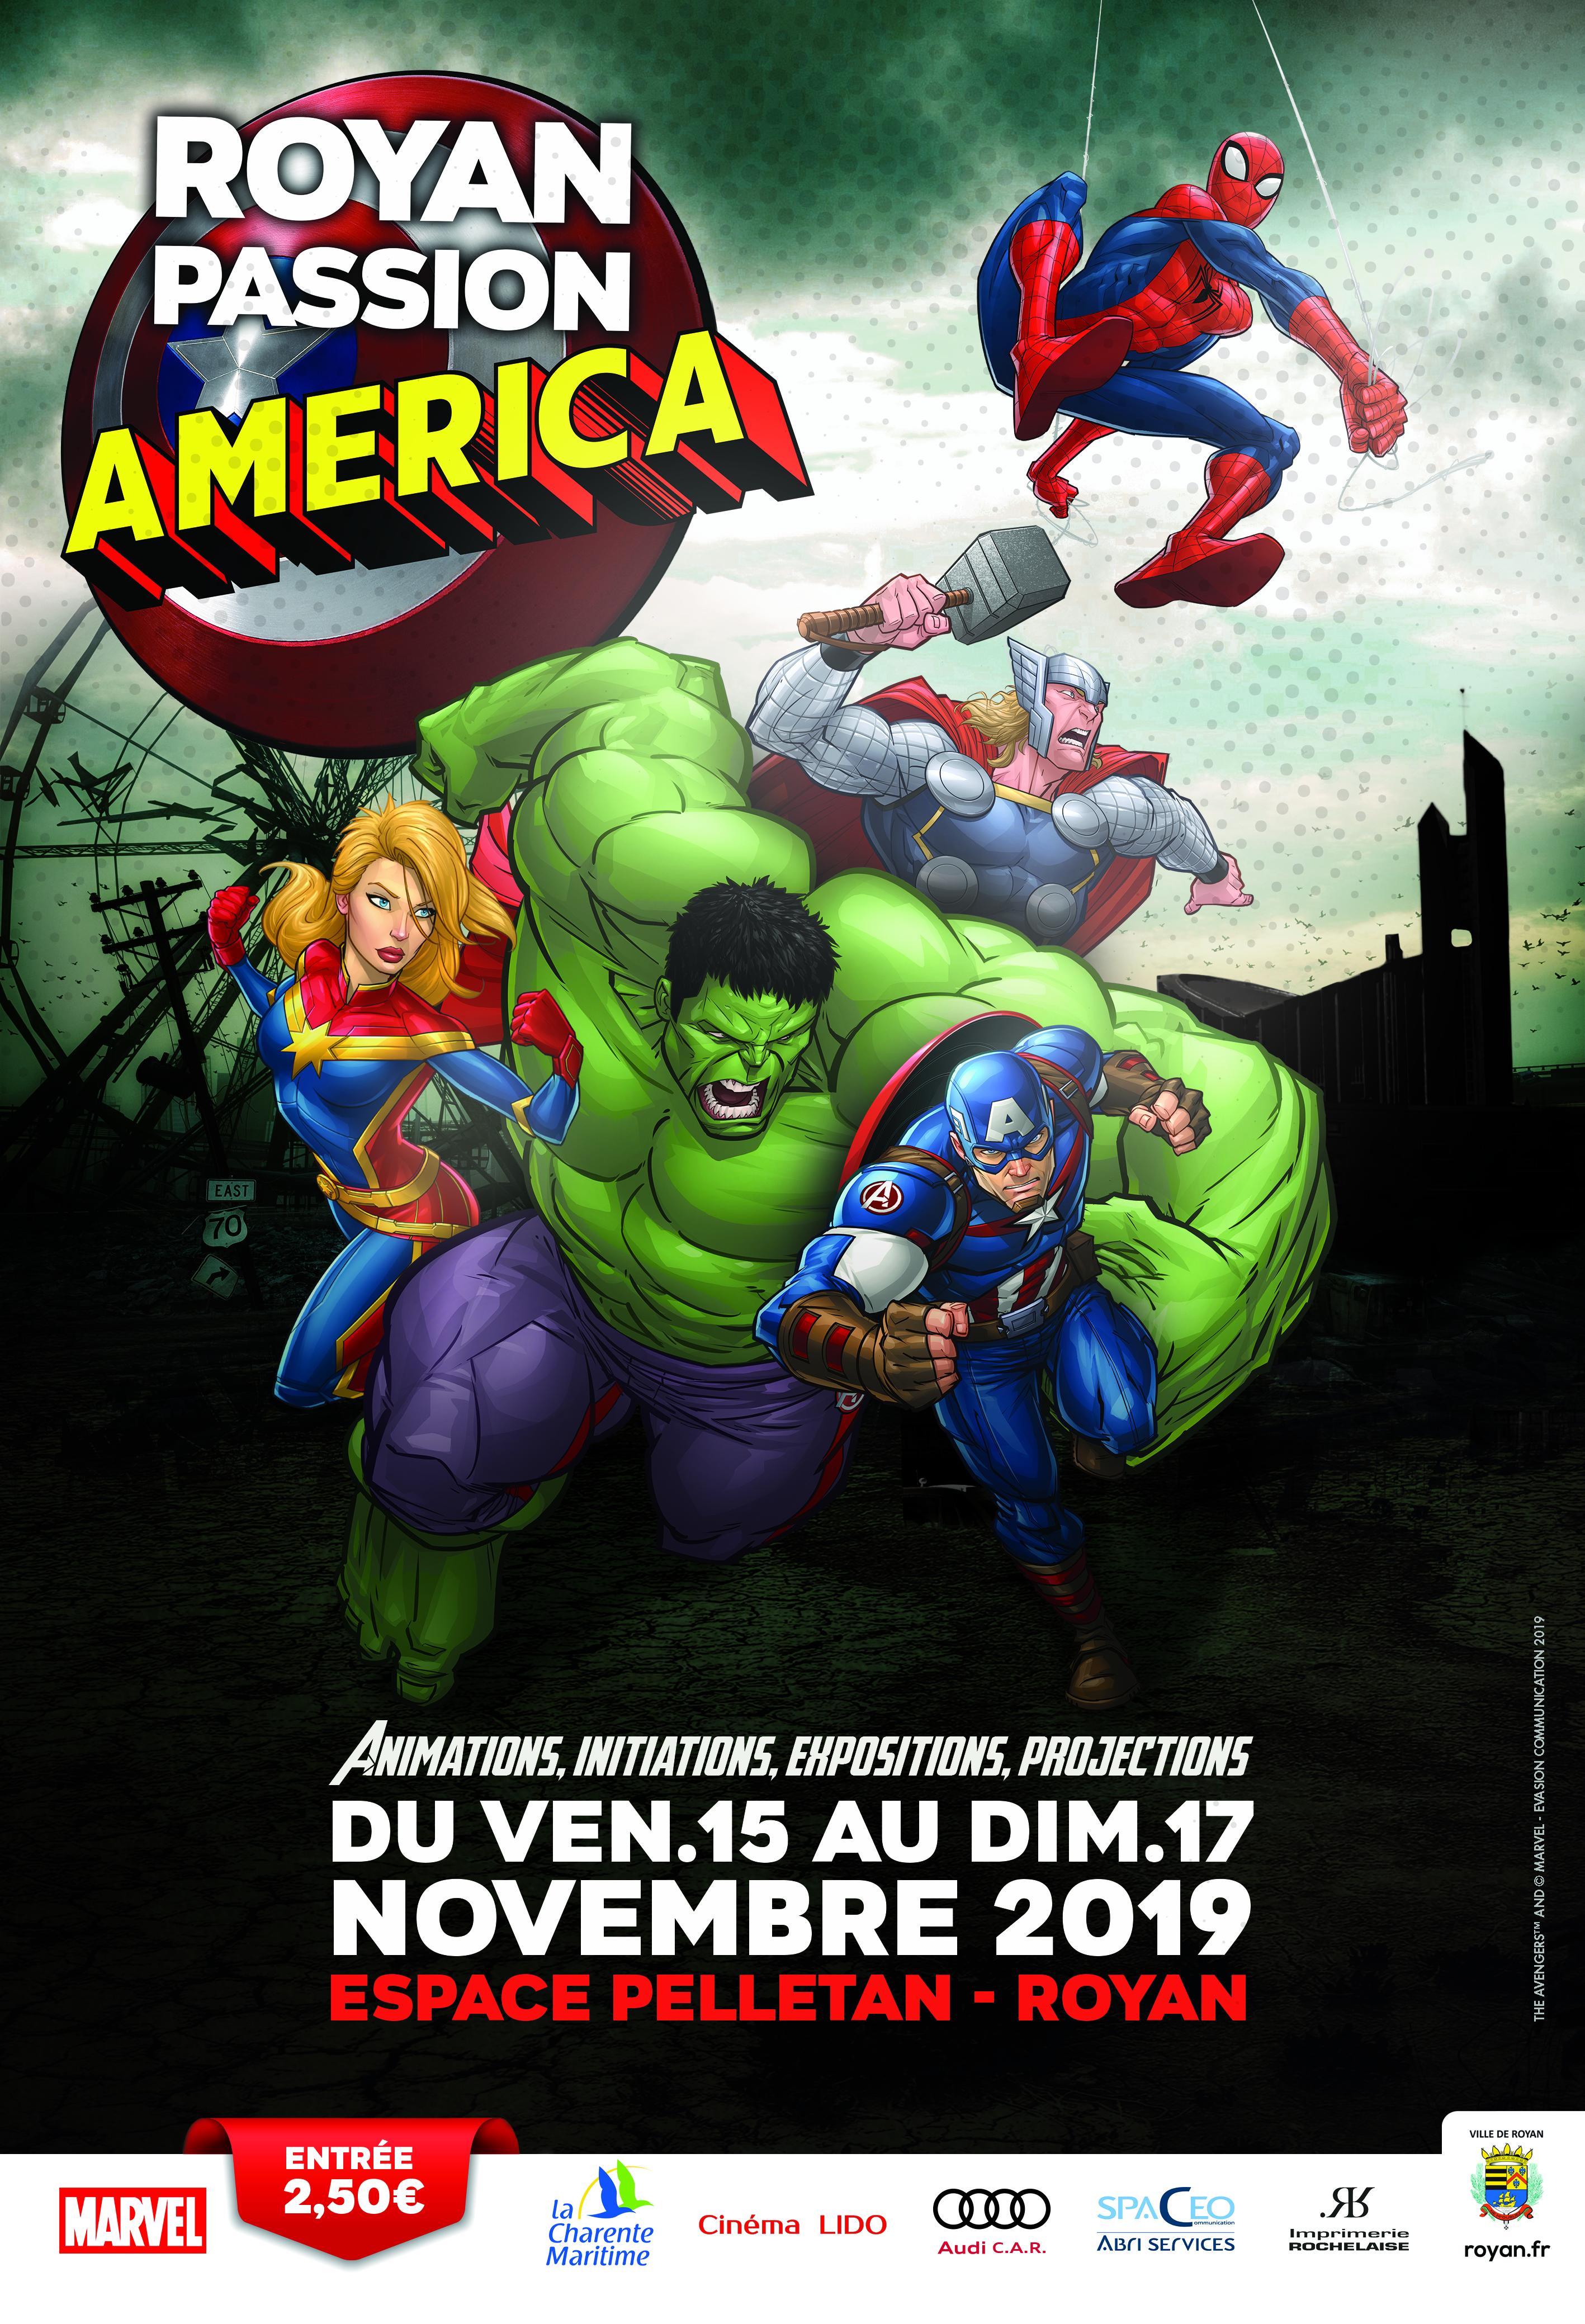 ROYAN PASSION AMERICA ce week end à Royan , voici le programme